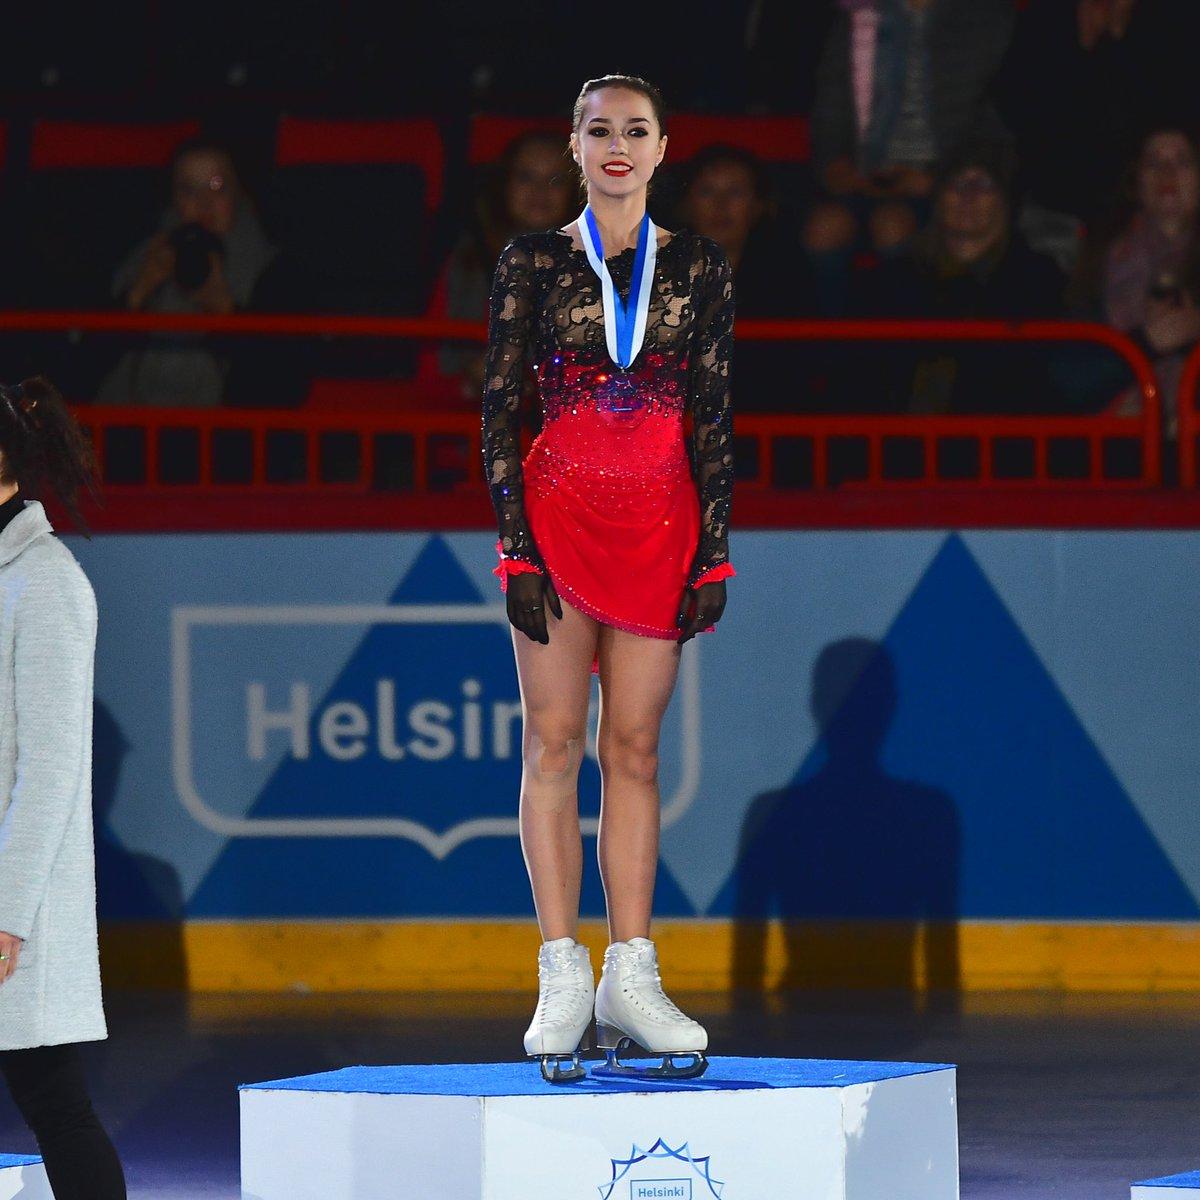 Алина Ильназовна Загитова-2 | Олимпийская чемпионка - Страница 2 WBU1r